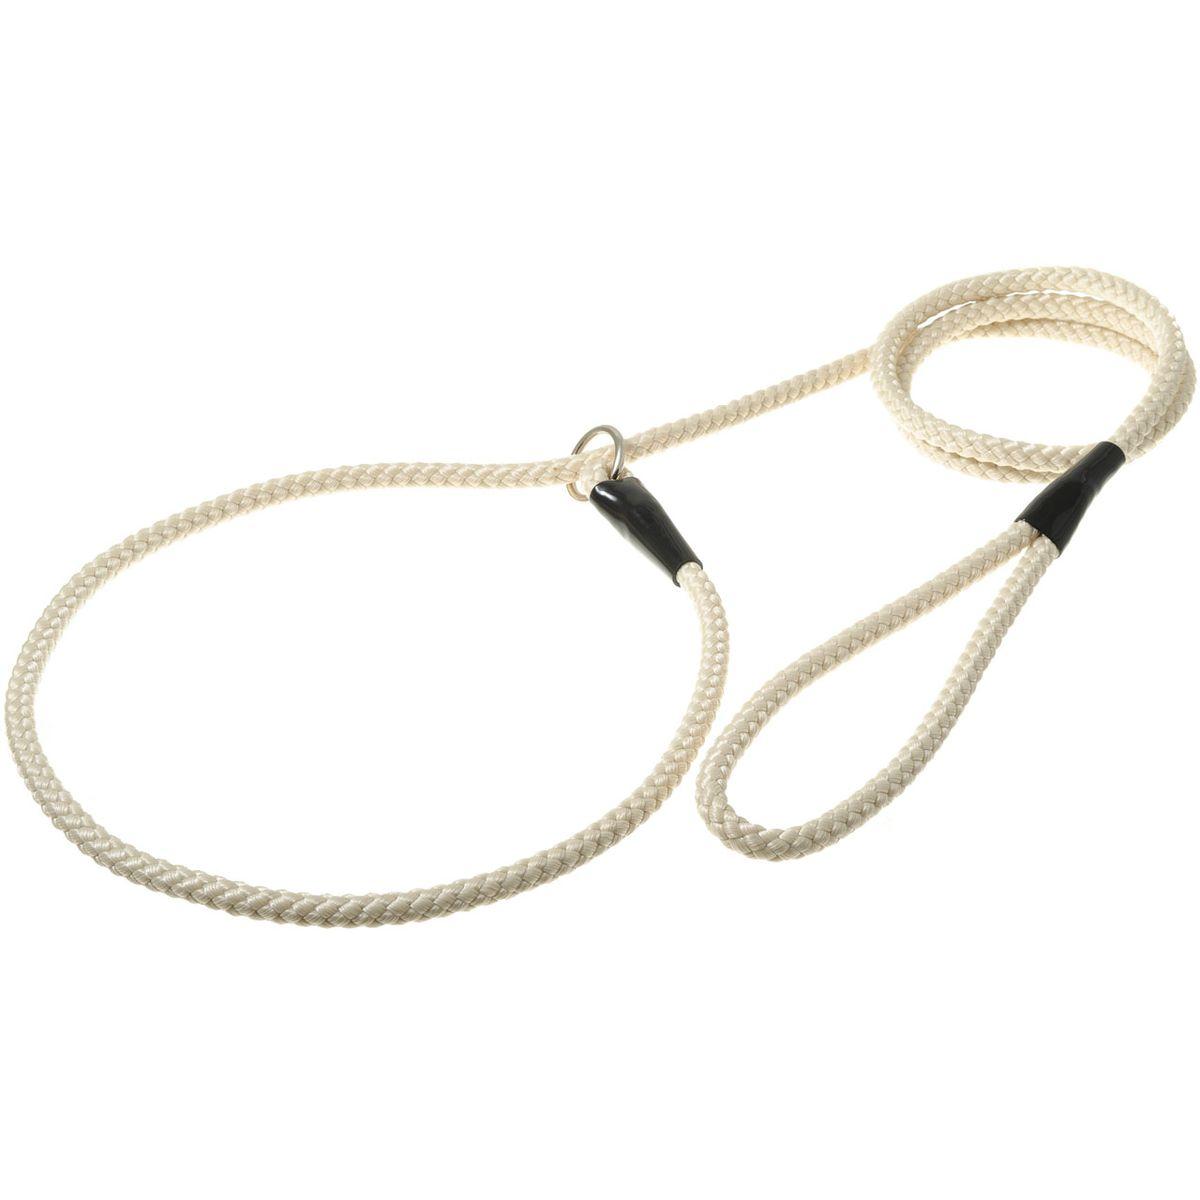 Поводок для собак V.I.Pet, цвет: кэмел, диаметр 10 мм, длина 1,7 м поводок для собак collar soft цвет коричневый диаметр 6 мм длина 1 83 м